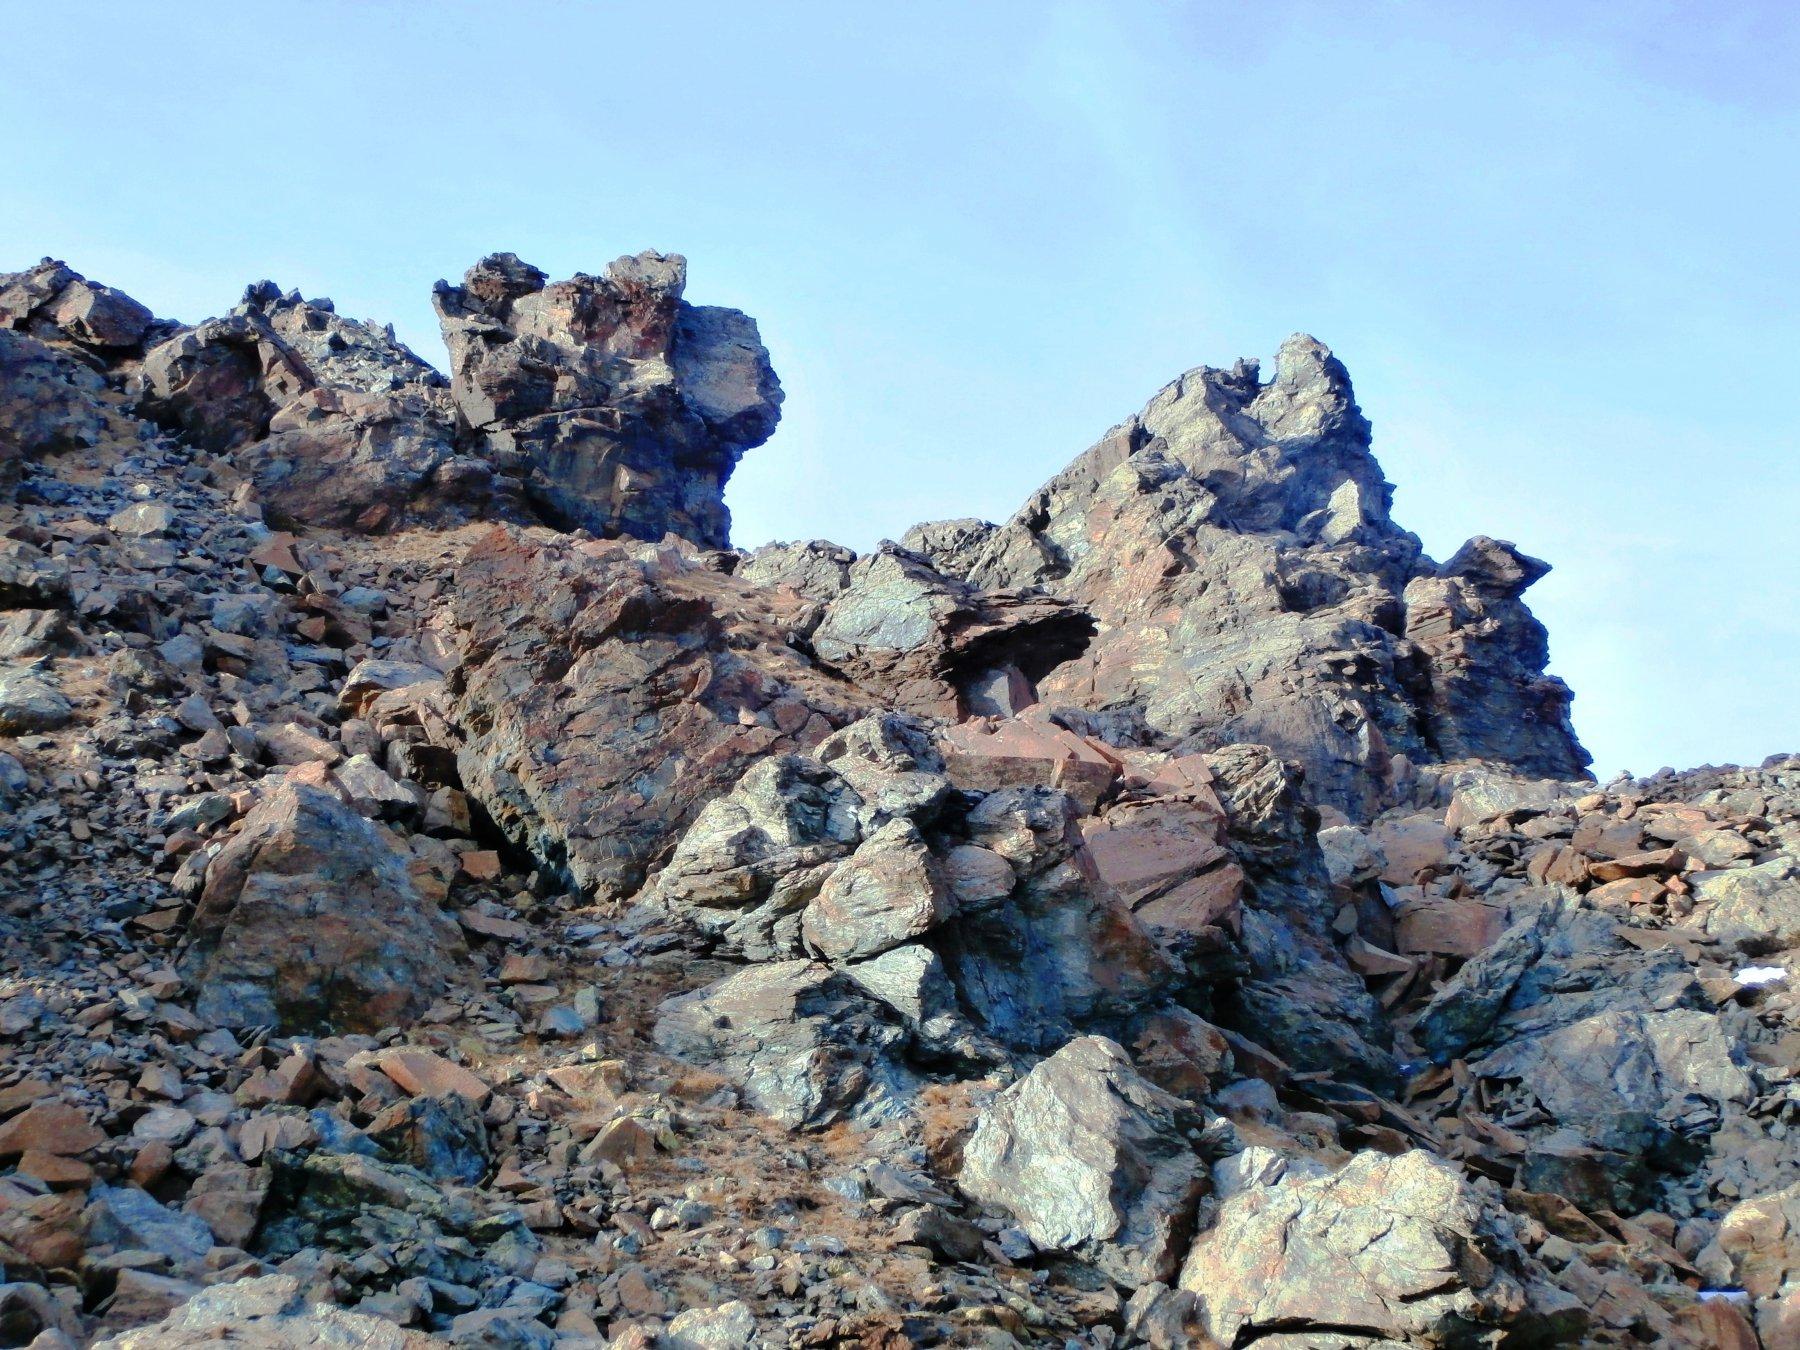 Palestra di roccia...